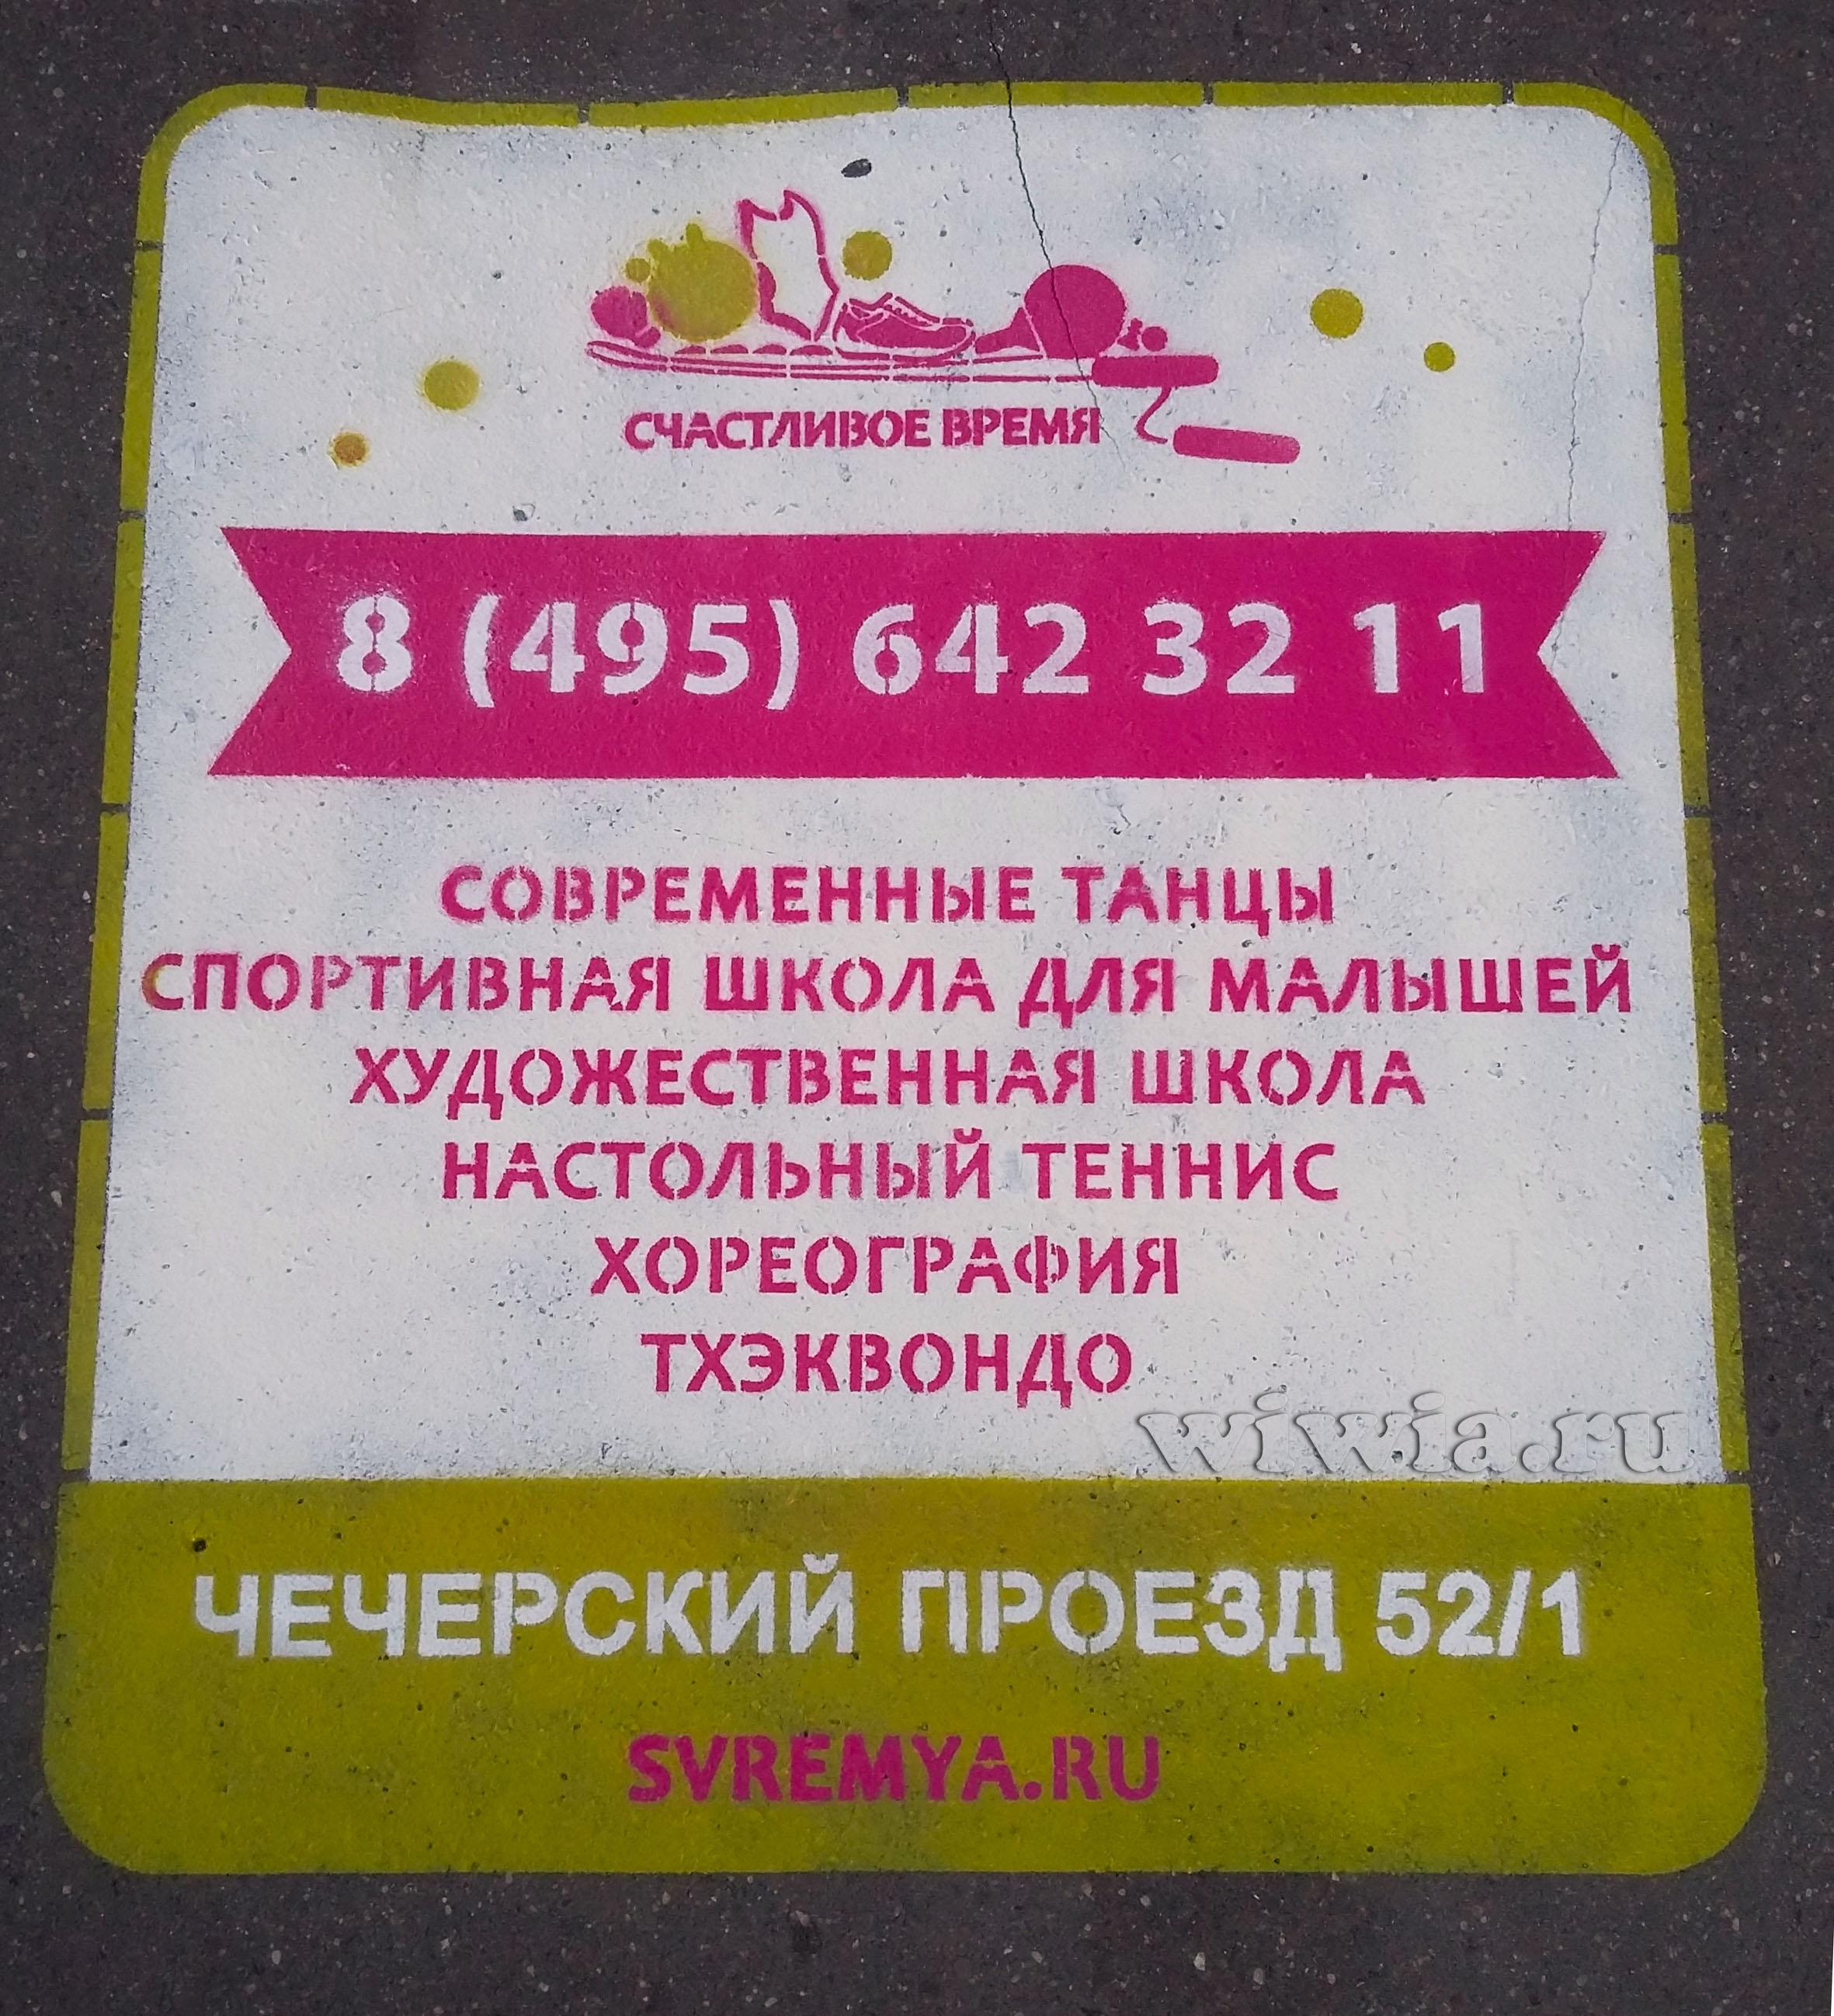 Реклама на асфальте. Детский центр.